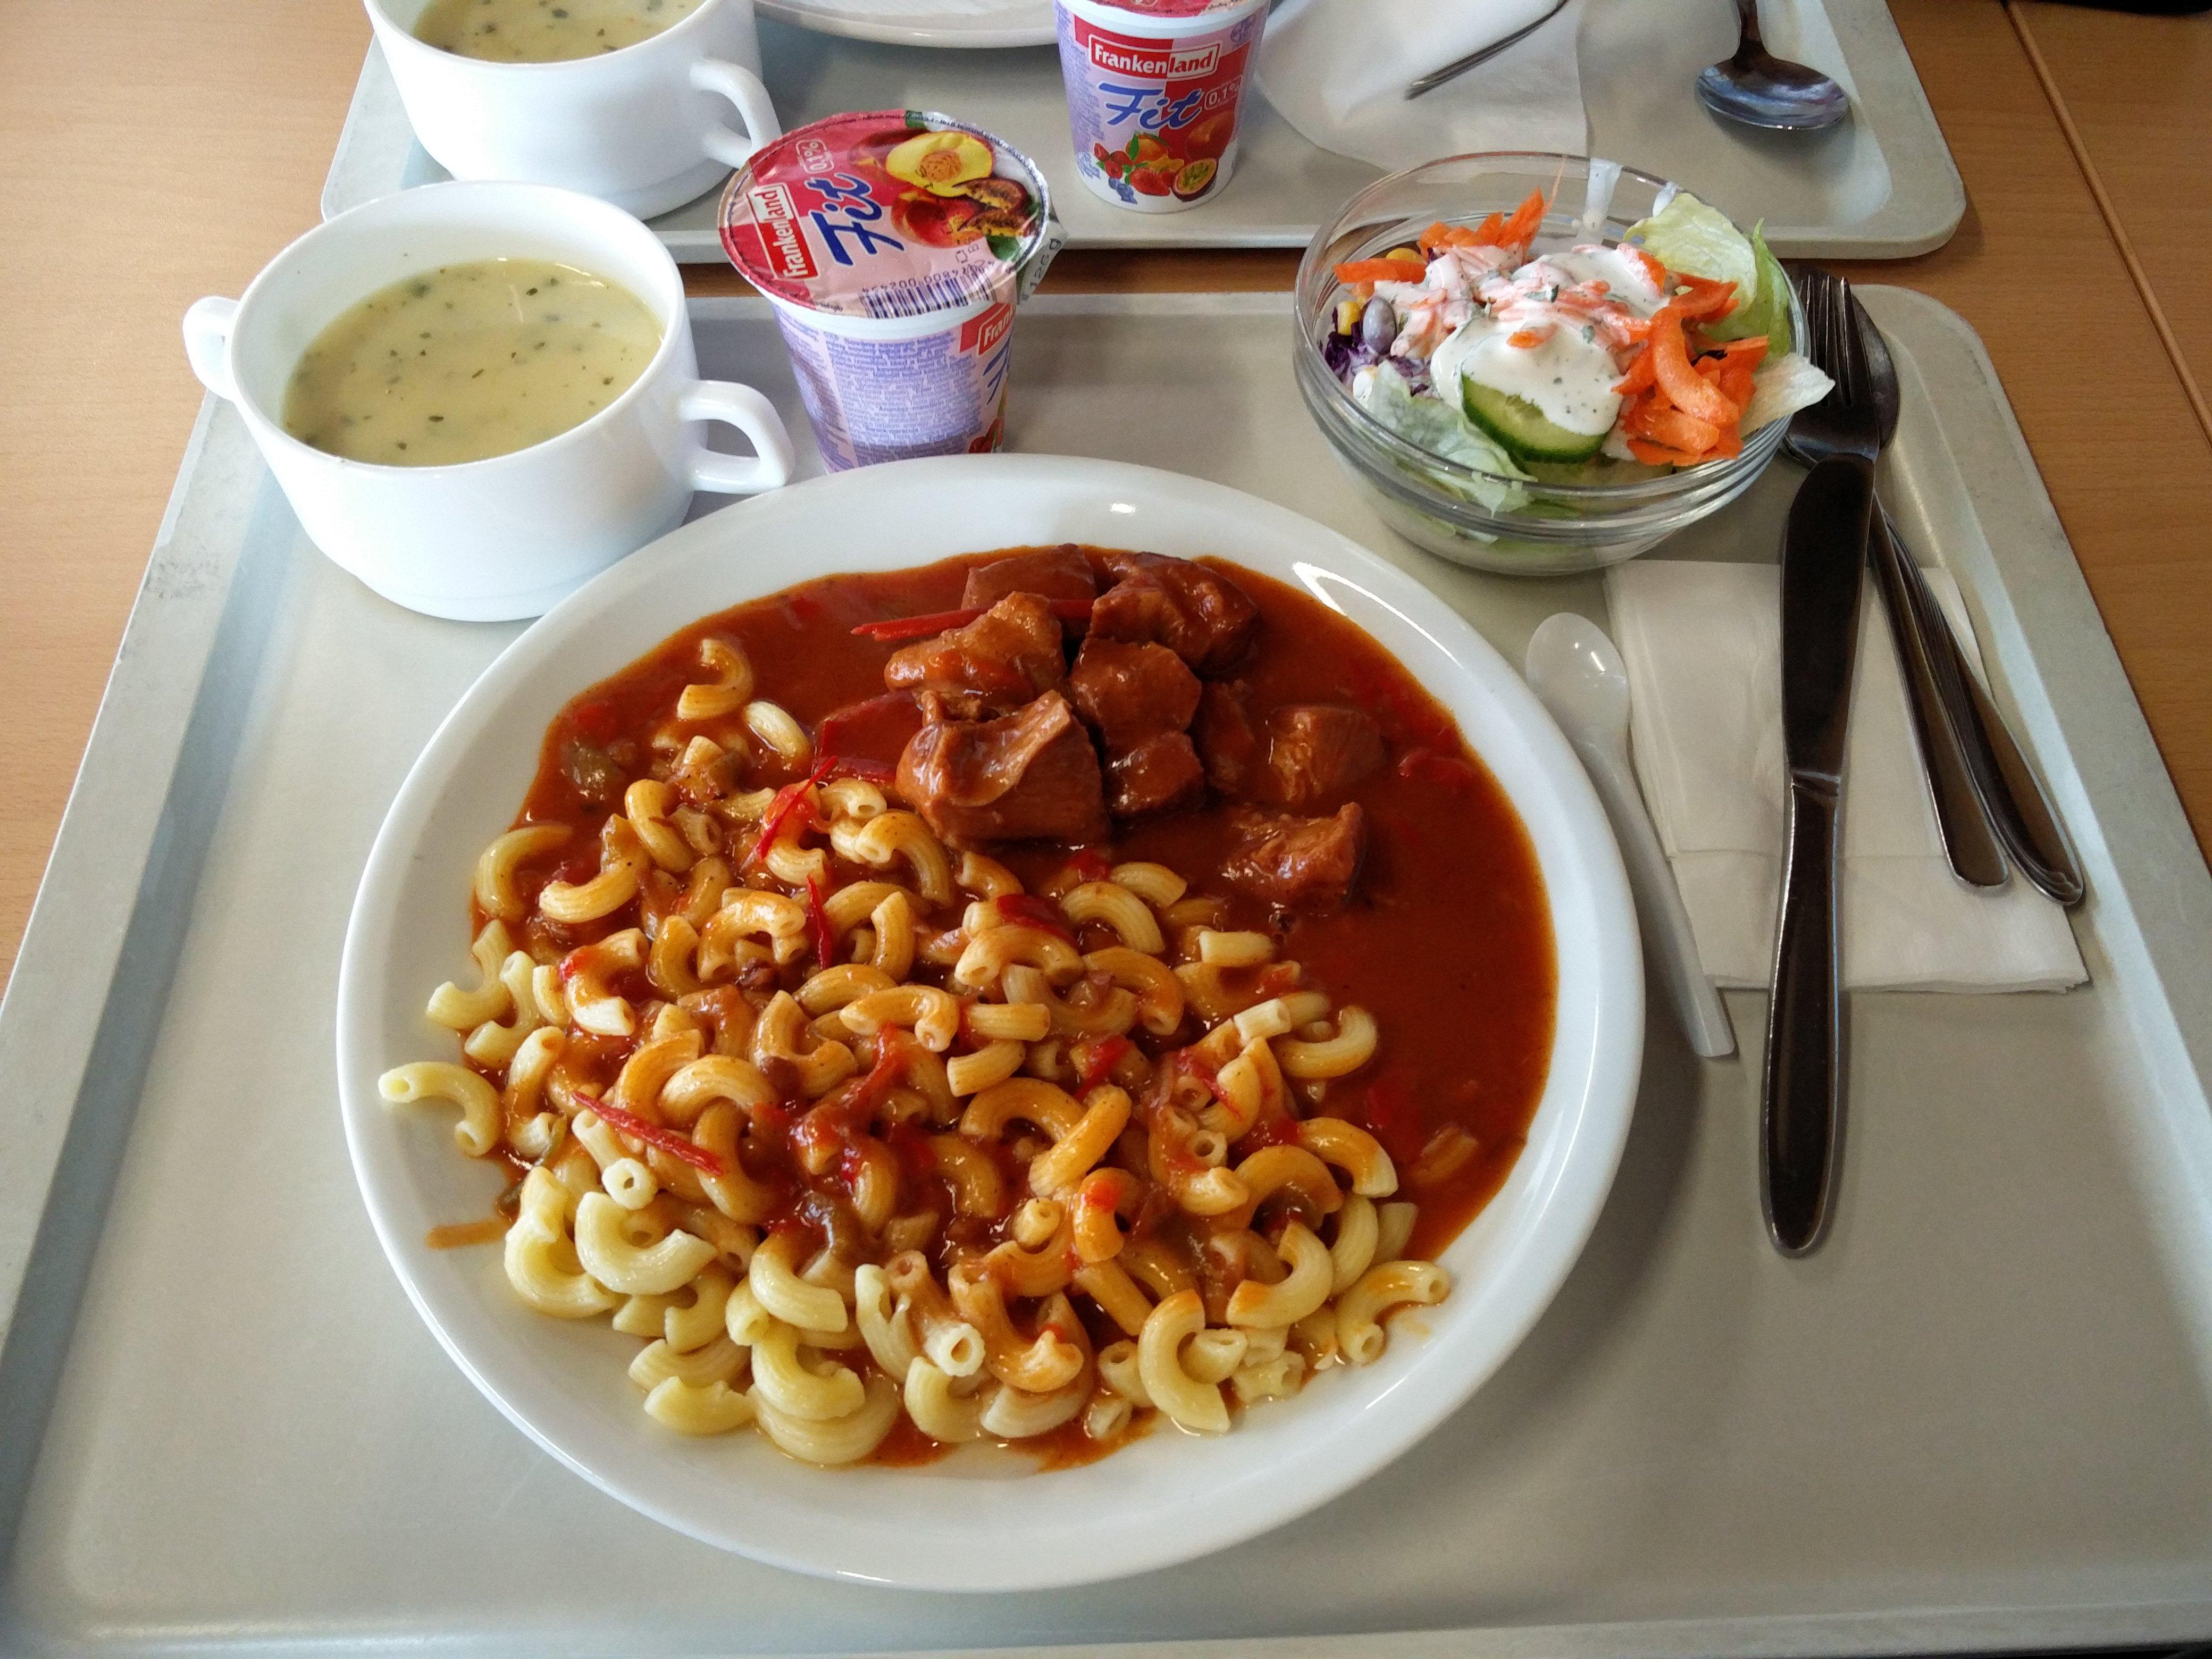 https://foodloader.net/nico_2016-05-03_gulasch-mit-nudeln-suppe-salat-und-joghurt.jpg